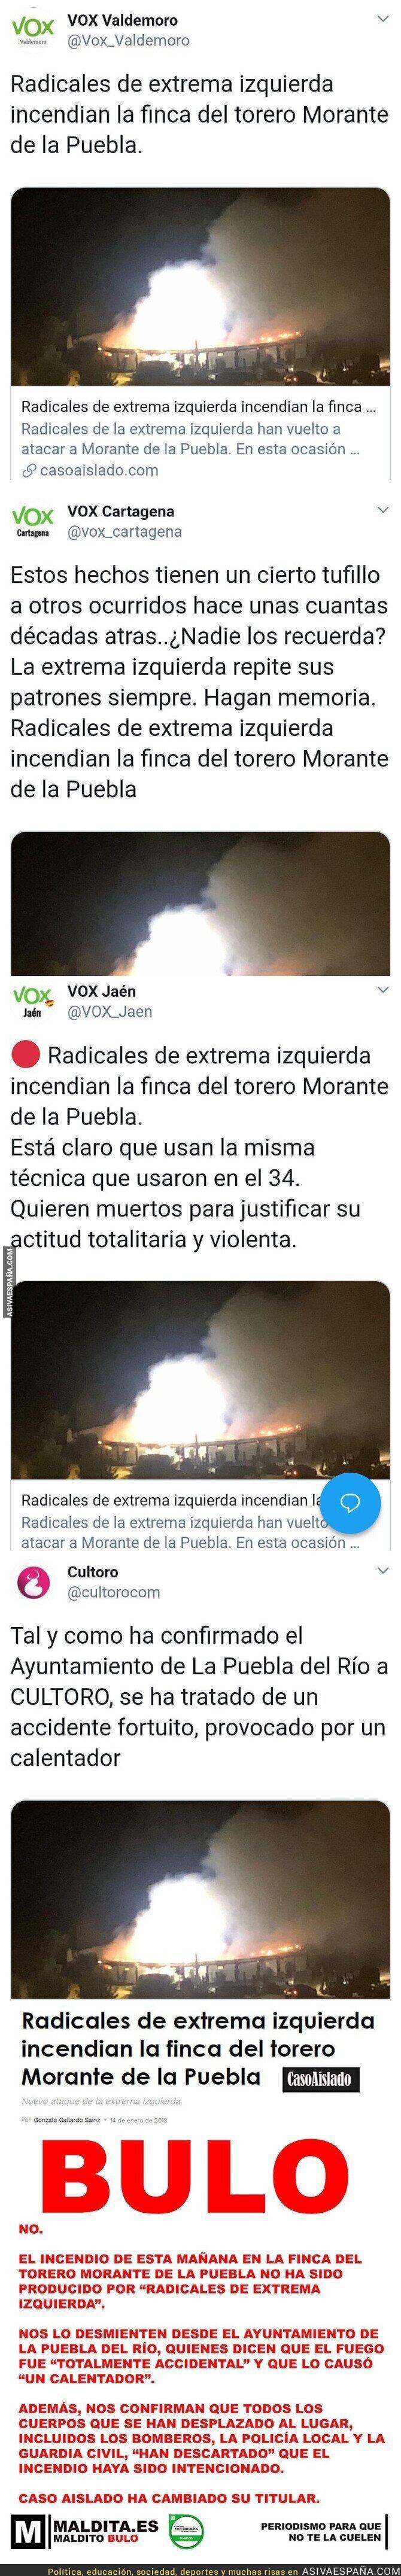 102559 - La web 'Caso Aislado' se inventa que la casa de Morante de la Puebla ha sido incendiada por gente de extrema izquierda